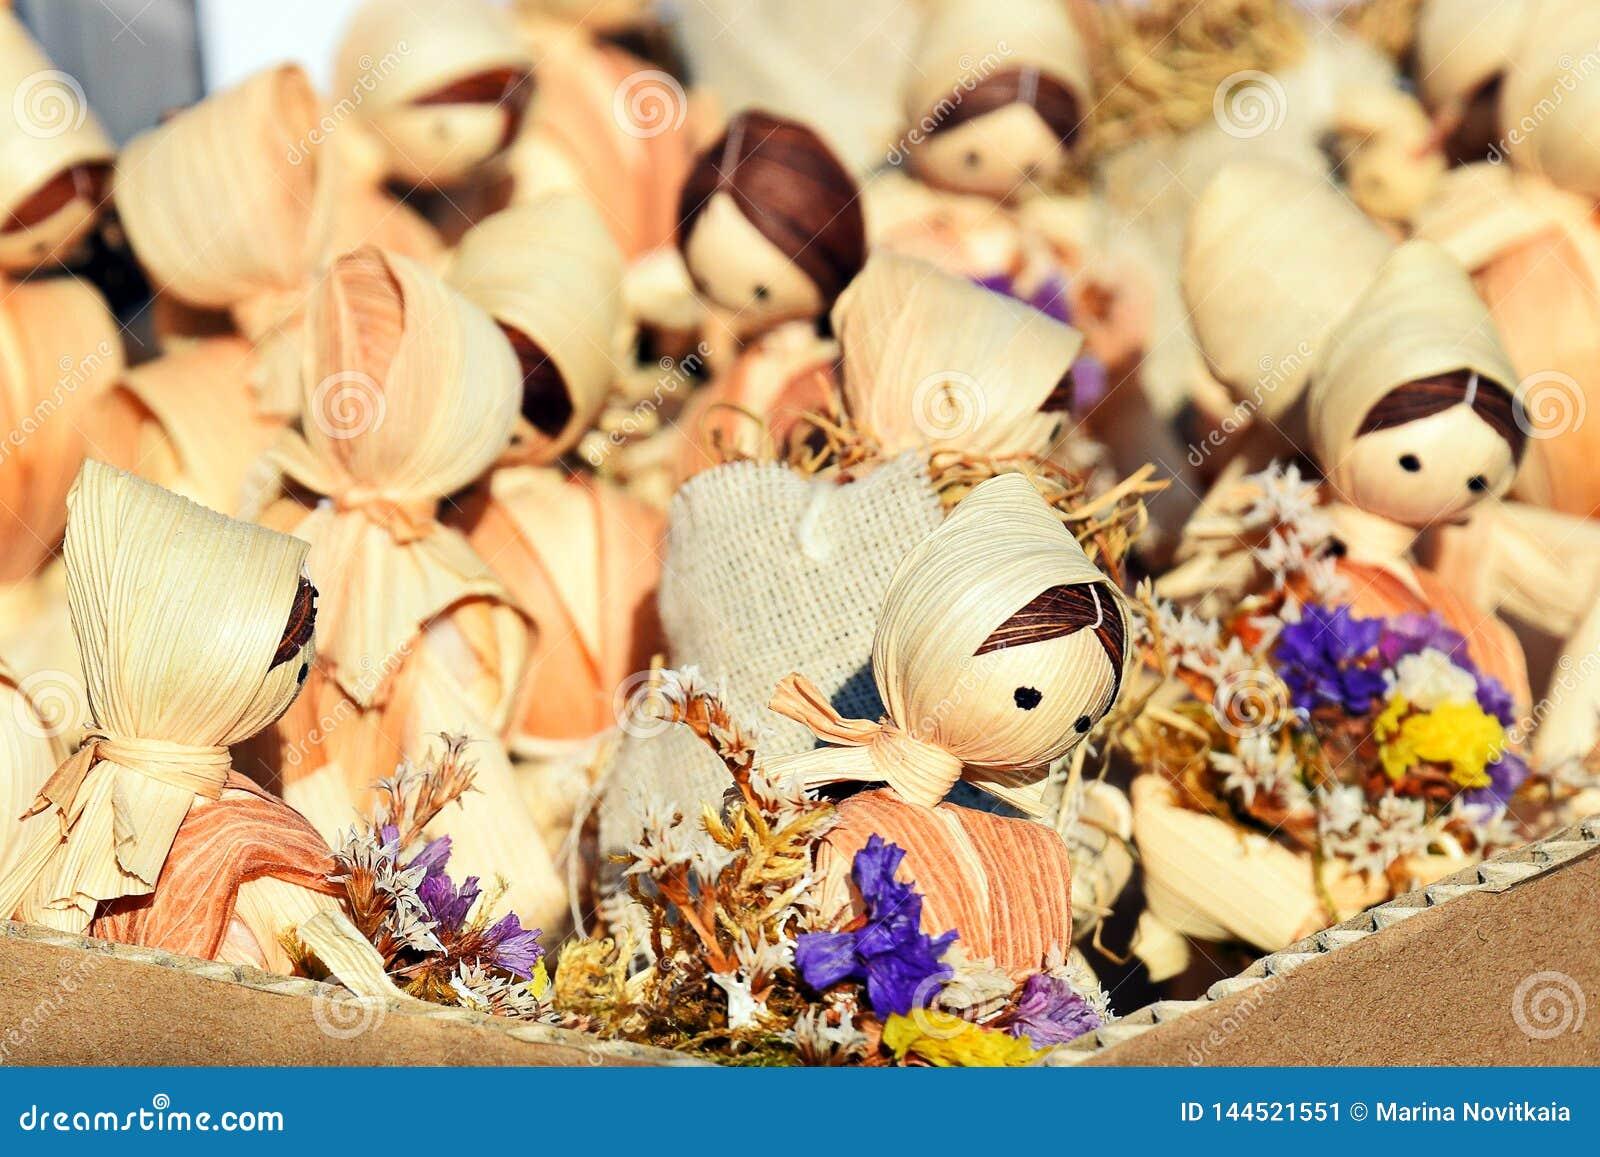 Straw Dolls Brinquedo, lembran?a Bonecas europeias pequenas maravilhosas